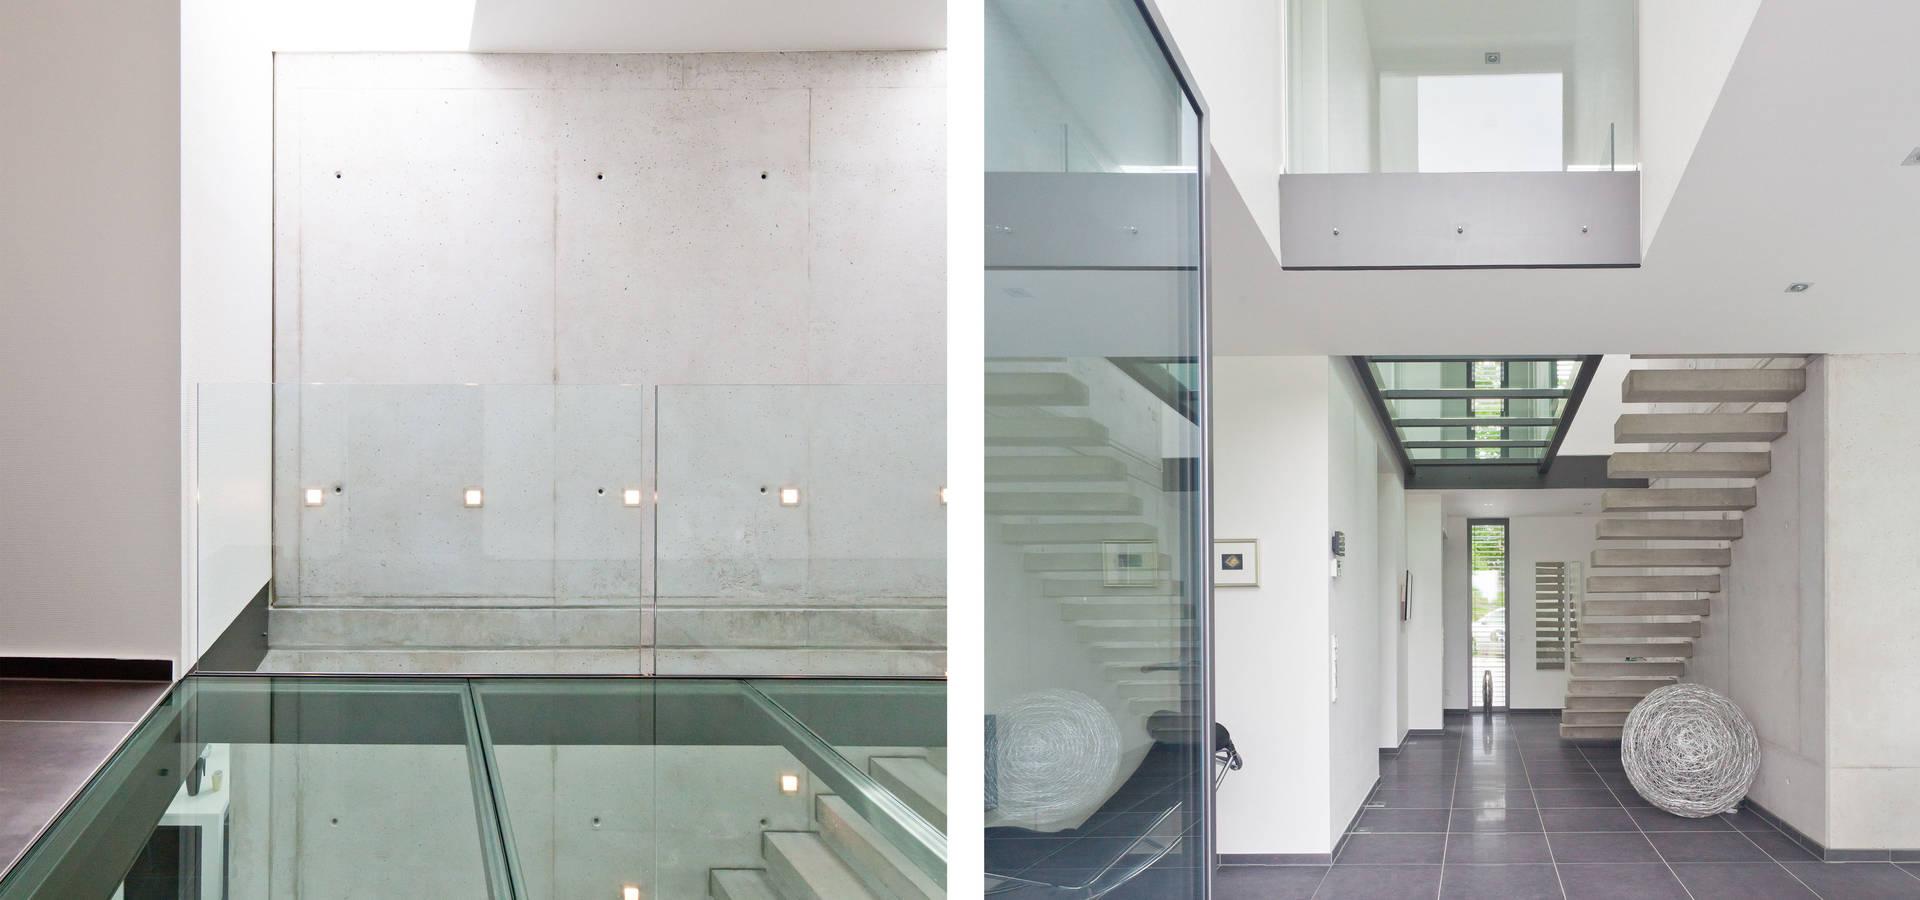 modernes haus mit luftraum und glassteg by beck bl m beck architekten homify. Black Bedroom Furniture Sets. Home Design Ideas